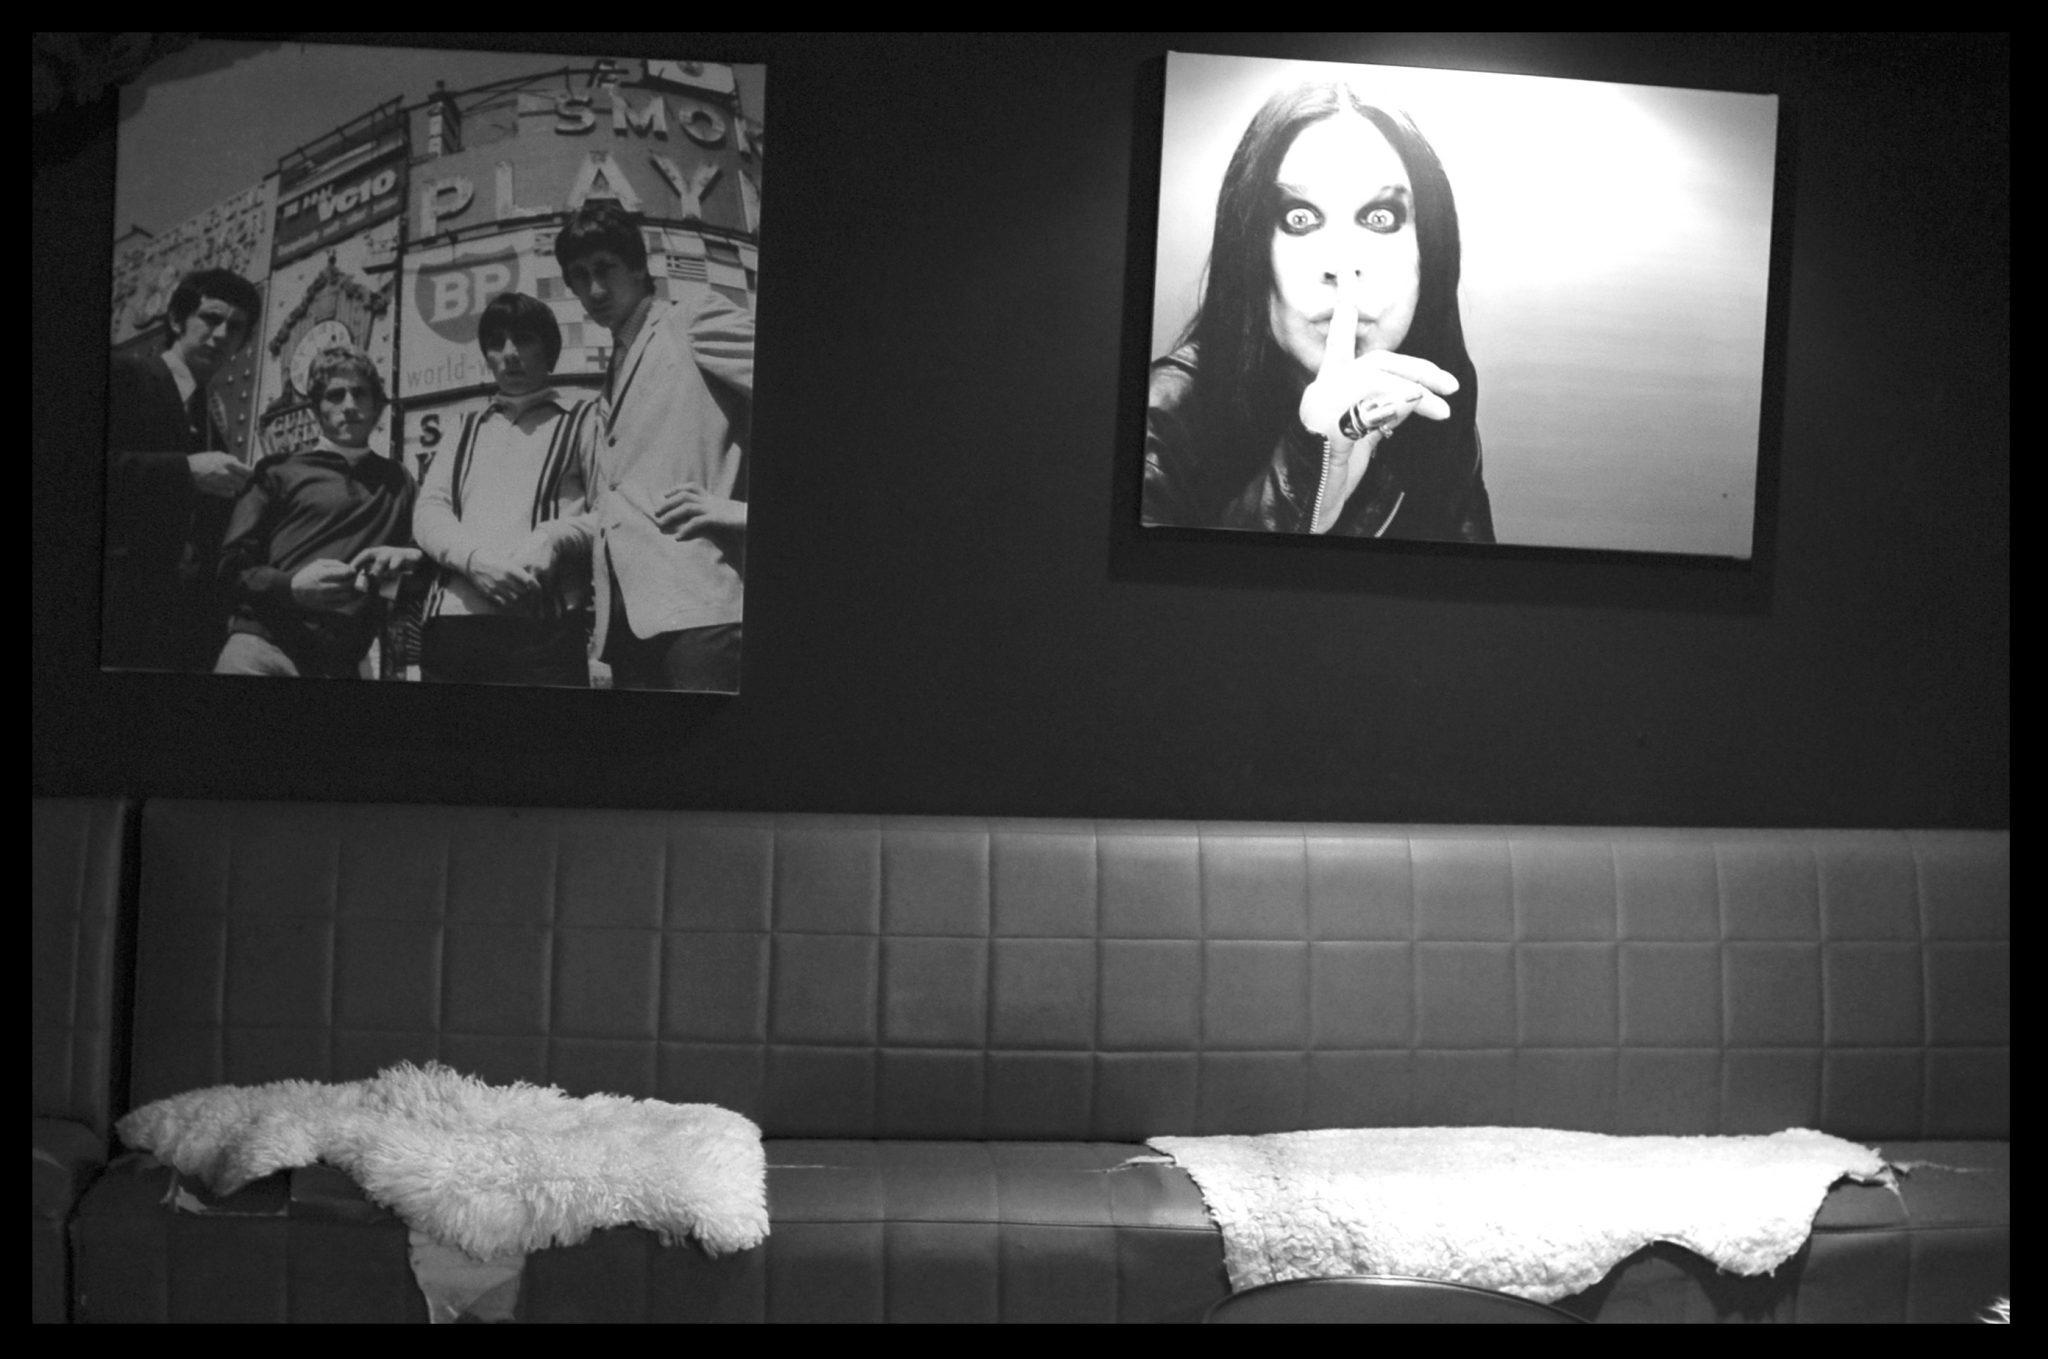 carte sonore arnaud de la maison m re m m paperboys. Black Bedroom Furniture Sets. Home Design Ideas